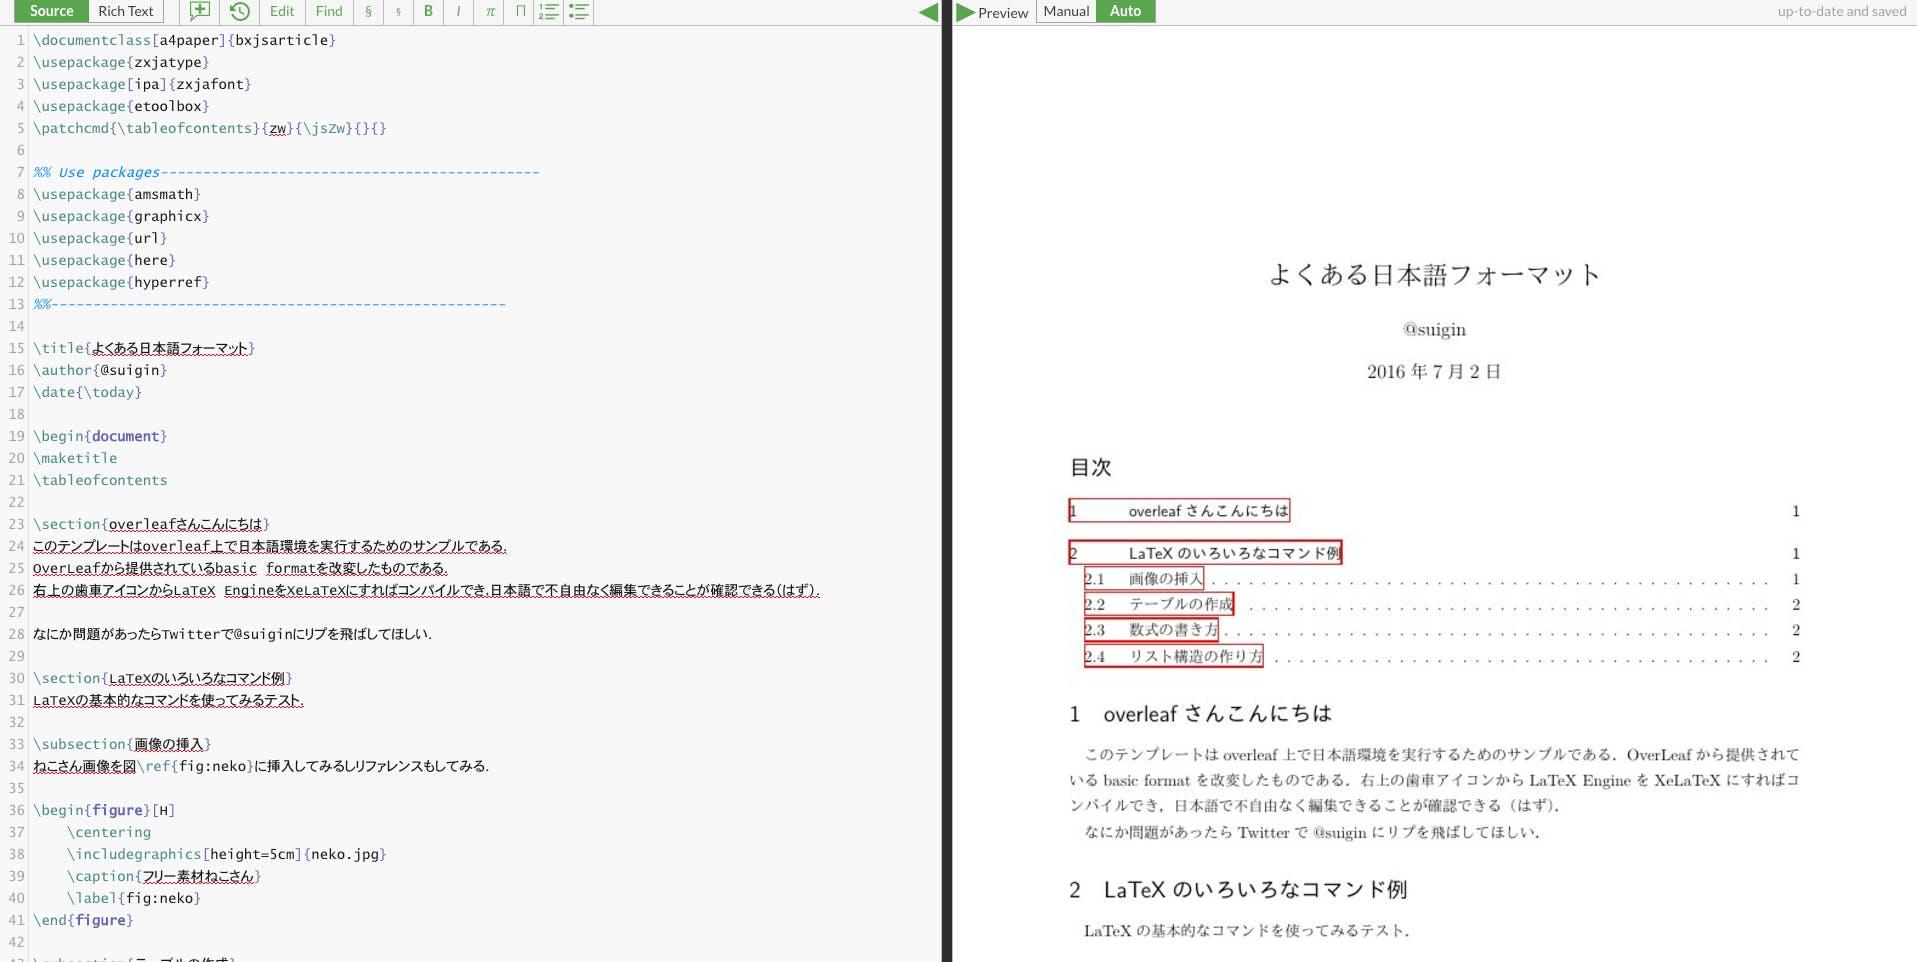 オンラインLaTeX執筆環境OverLeafで日本語文書を作成する - Qiita